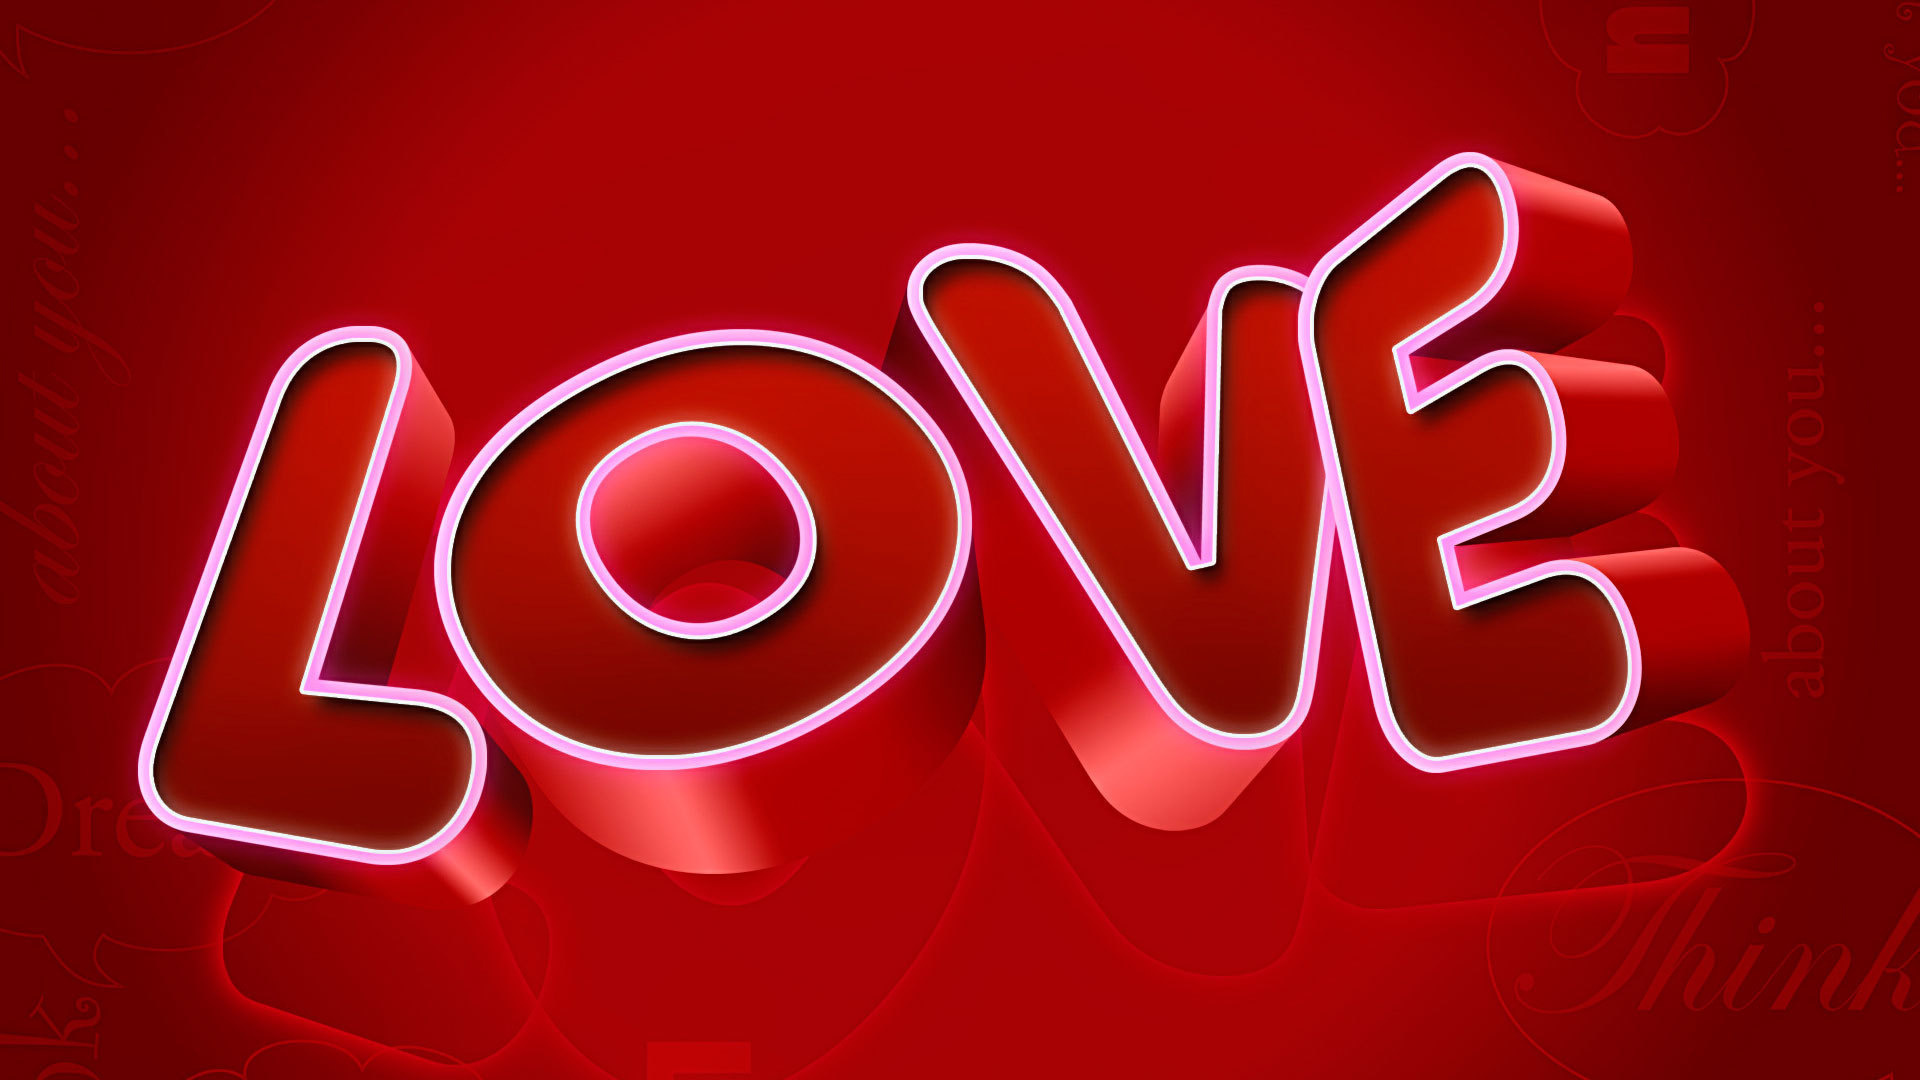 Картинка любовь это надпись